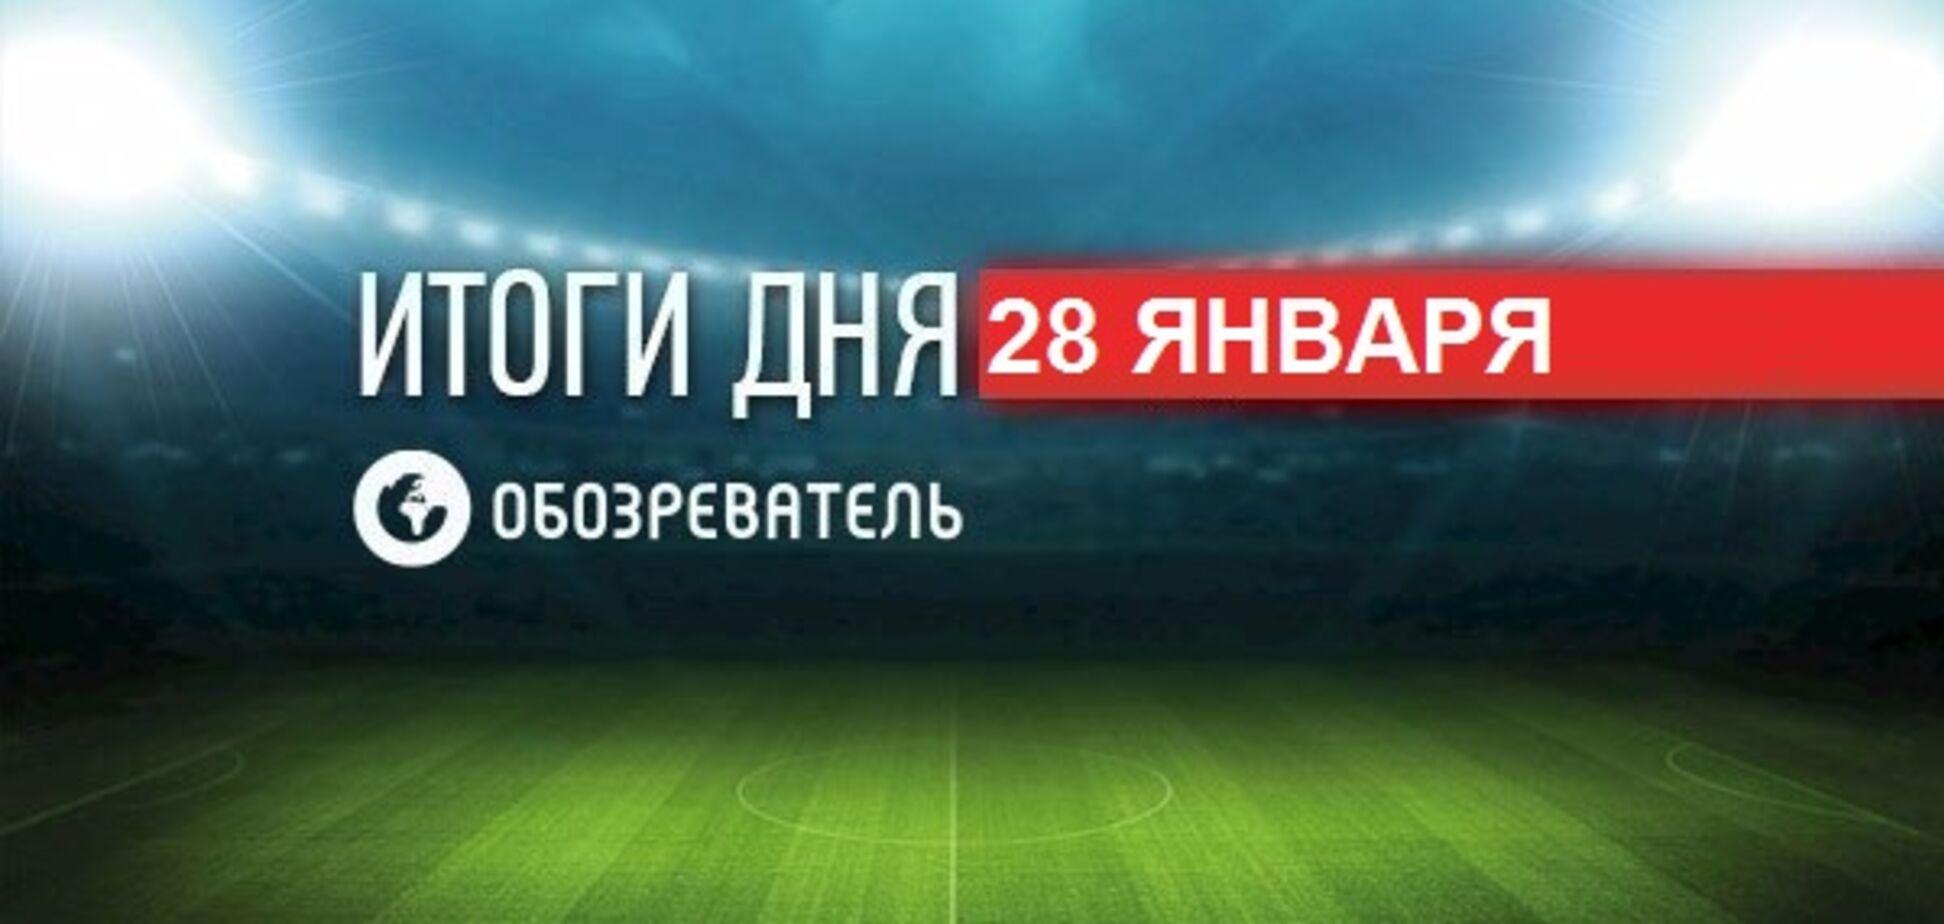 Усик вызвал фурор в России: спортивные итоги 28 января